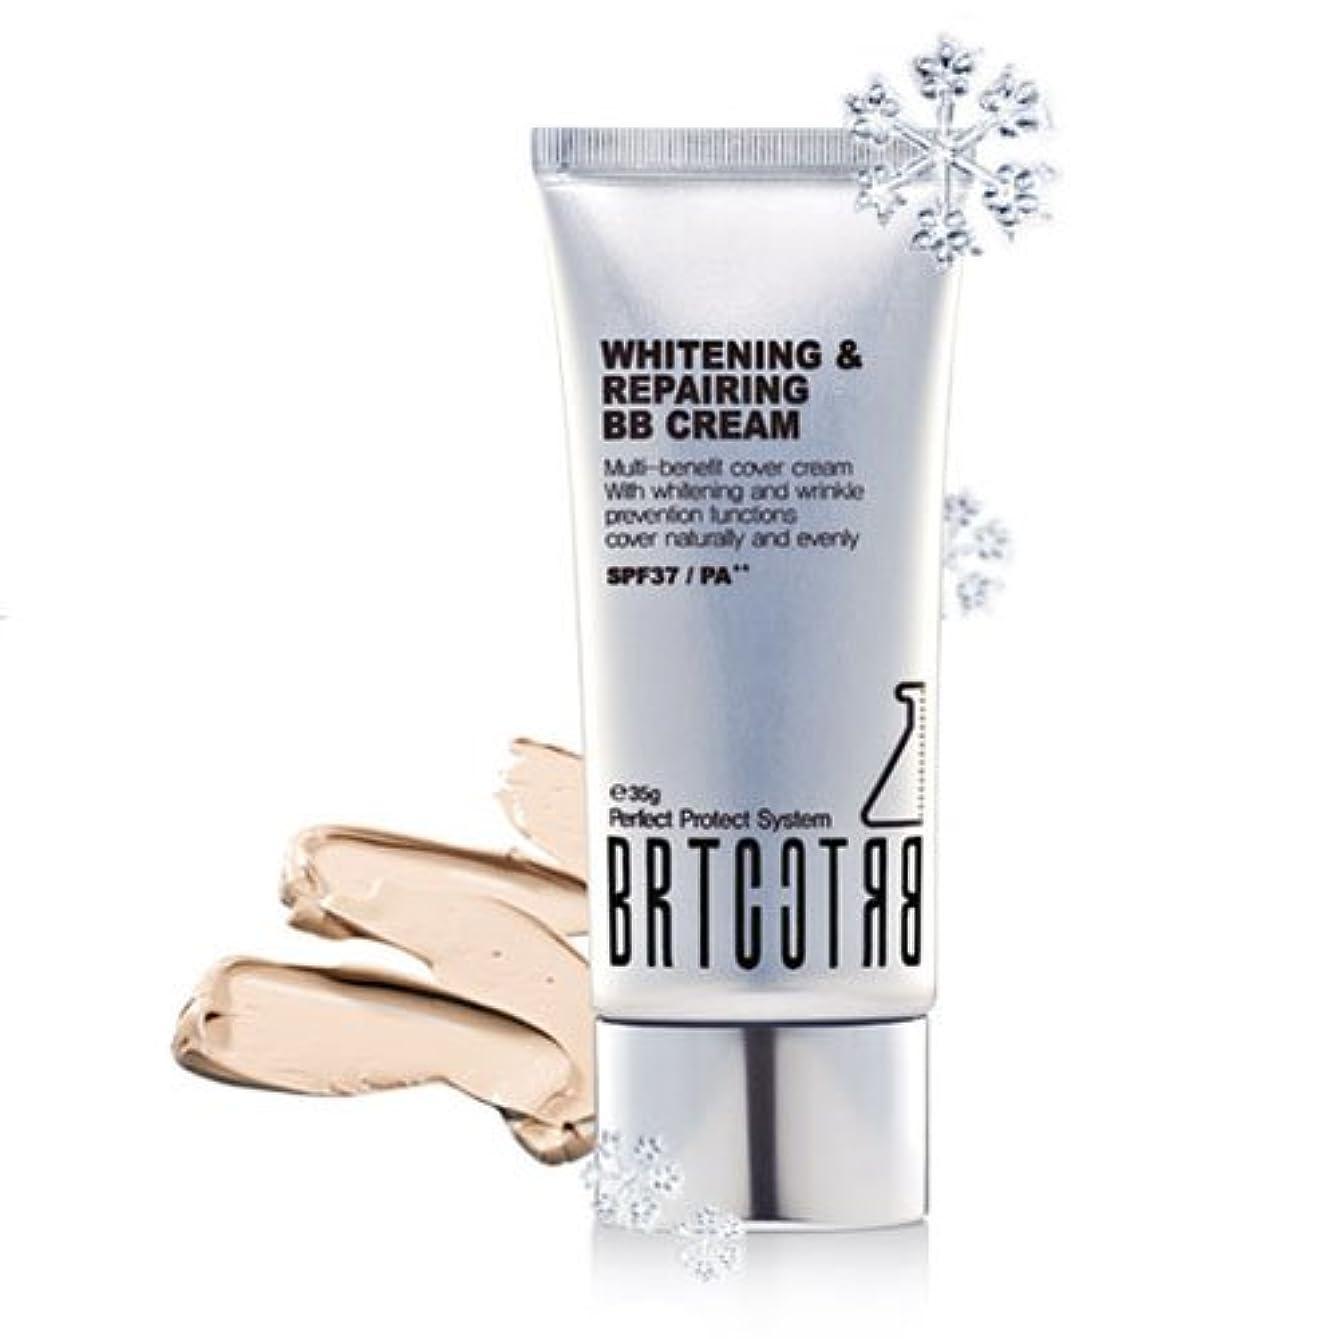 シルエットおもしろいアピールBRTC ホワイトニング リペアリング BBクリーム (SPF37,PA++) [海外直送品][並行輸入品]